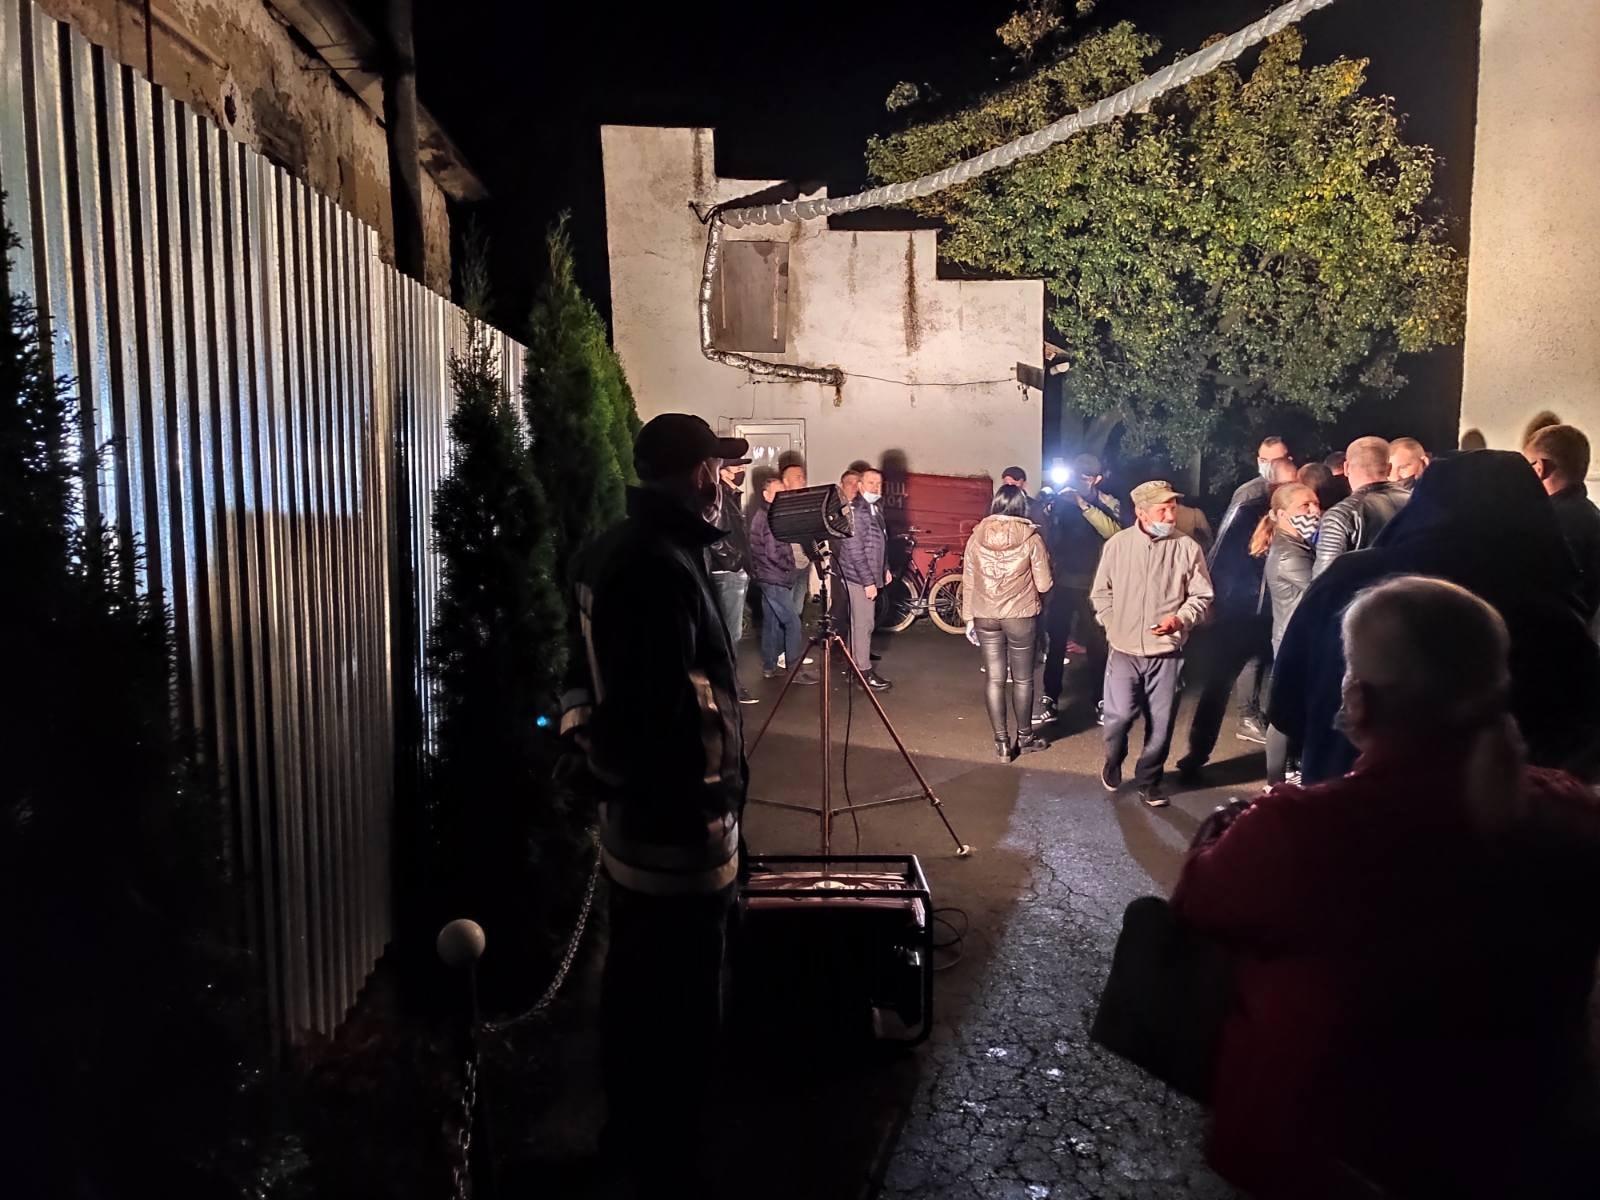 Рятувальники забезпечили безперебійне живлення електроенергії на виборчій дільниці, повідомили в УДСНС.